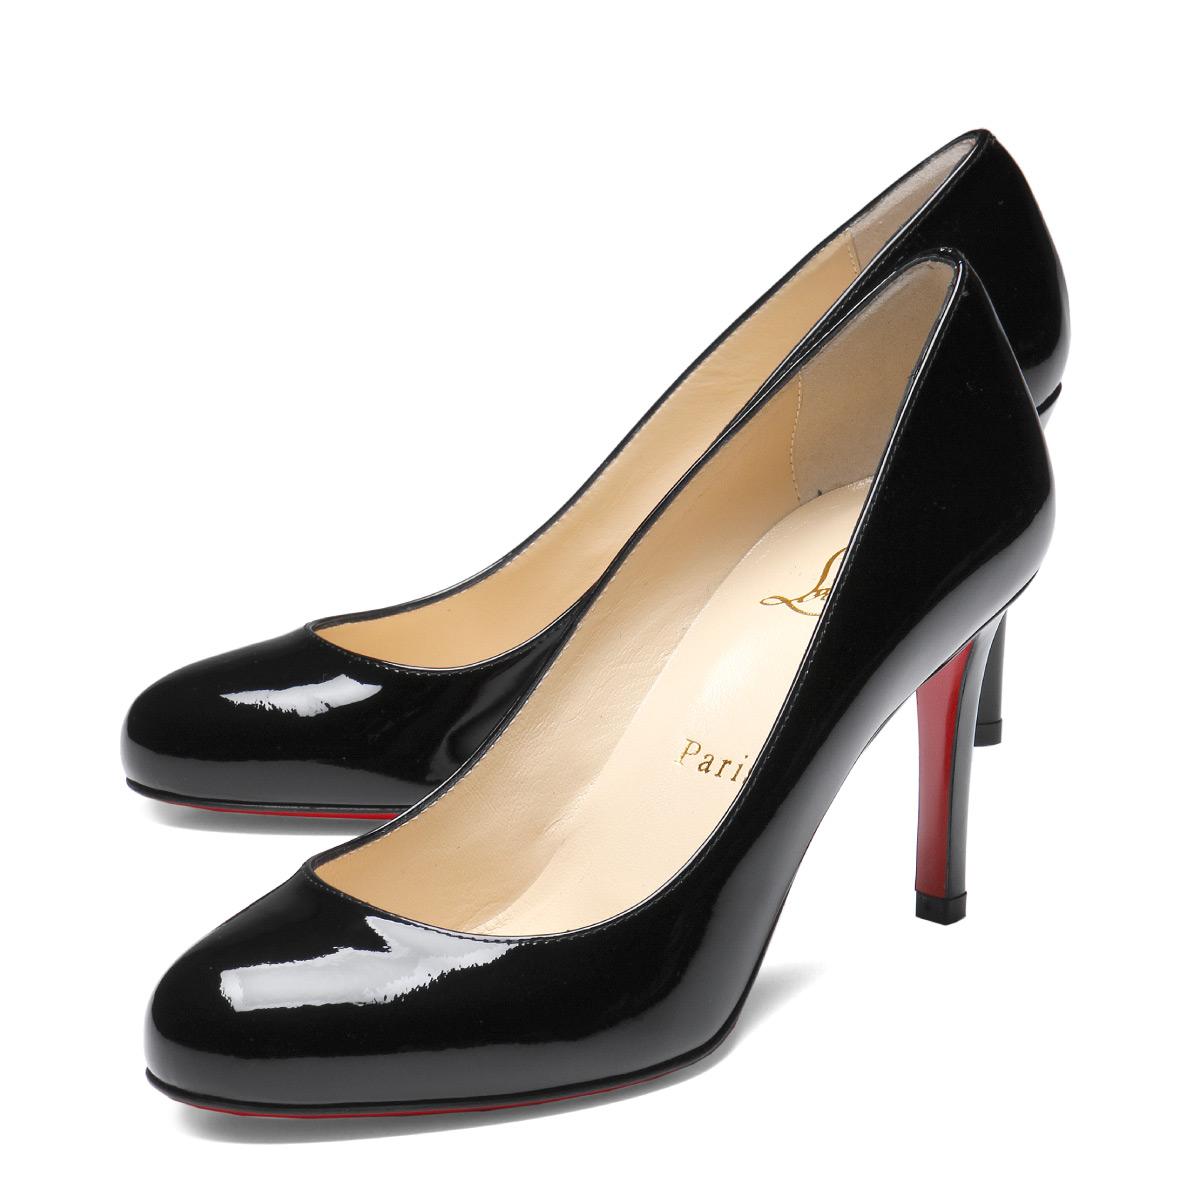 newest ea0f2 9b41b クリスチャンルブタン Christian Louboutin shoes Lady's 1180592 BK01 plane toe pumps  FIFILLE フィフィーユ BLACK black